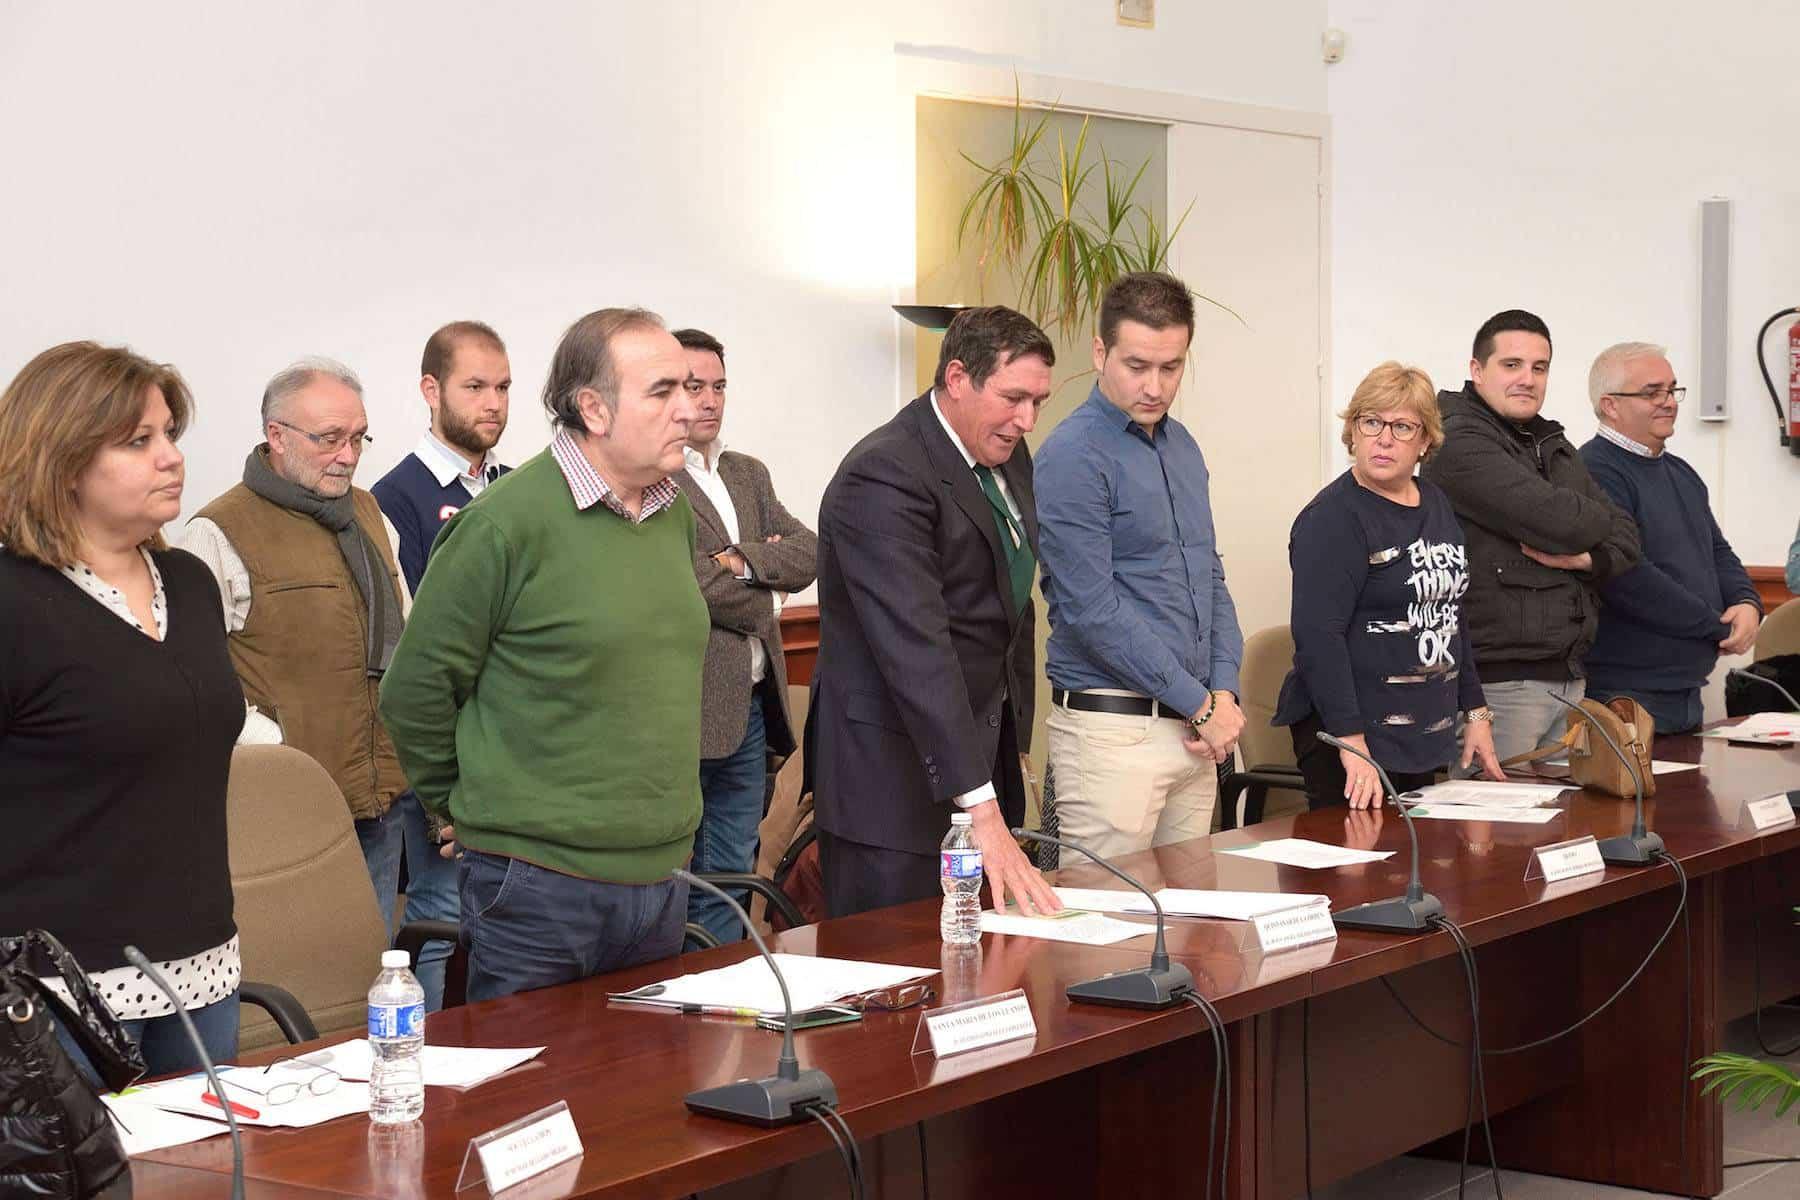 Comsermancha Toma Posesion JA Toledo03 Comsermancha - Herencia en la presentación del informe de gestión de recaudación de Comsermancha